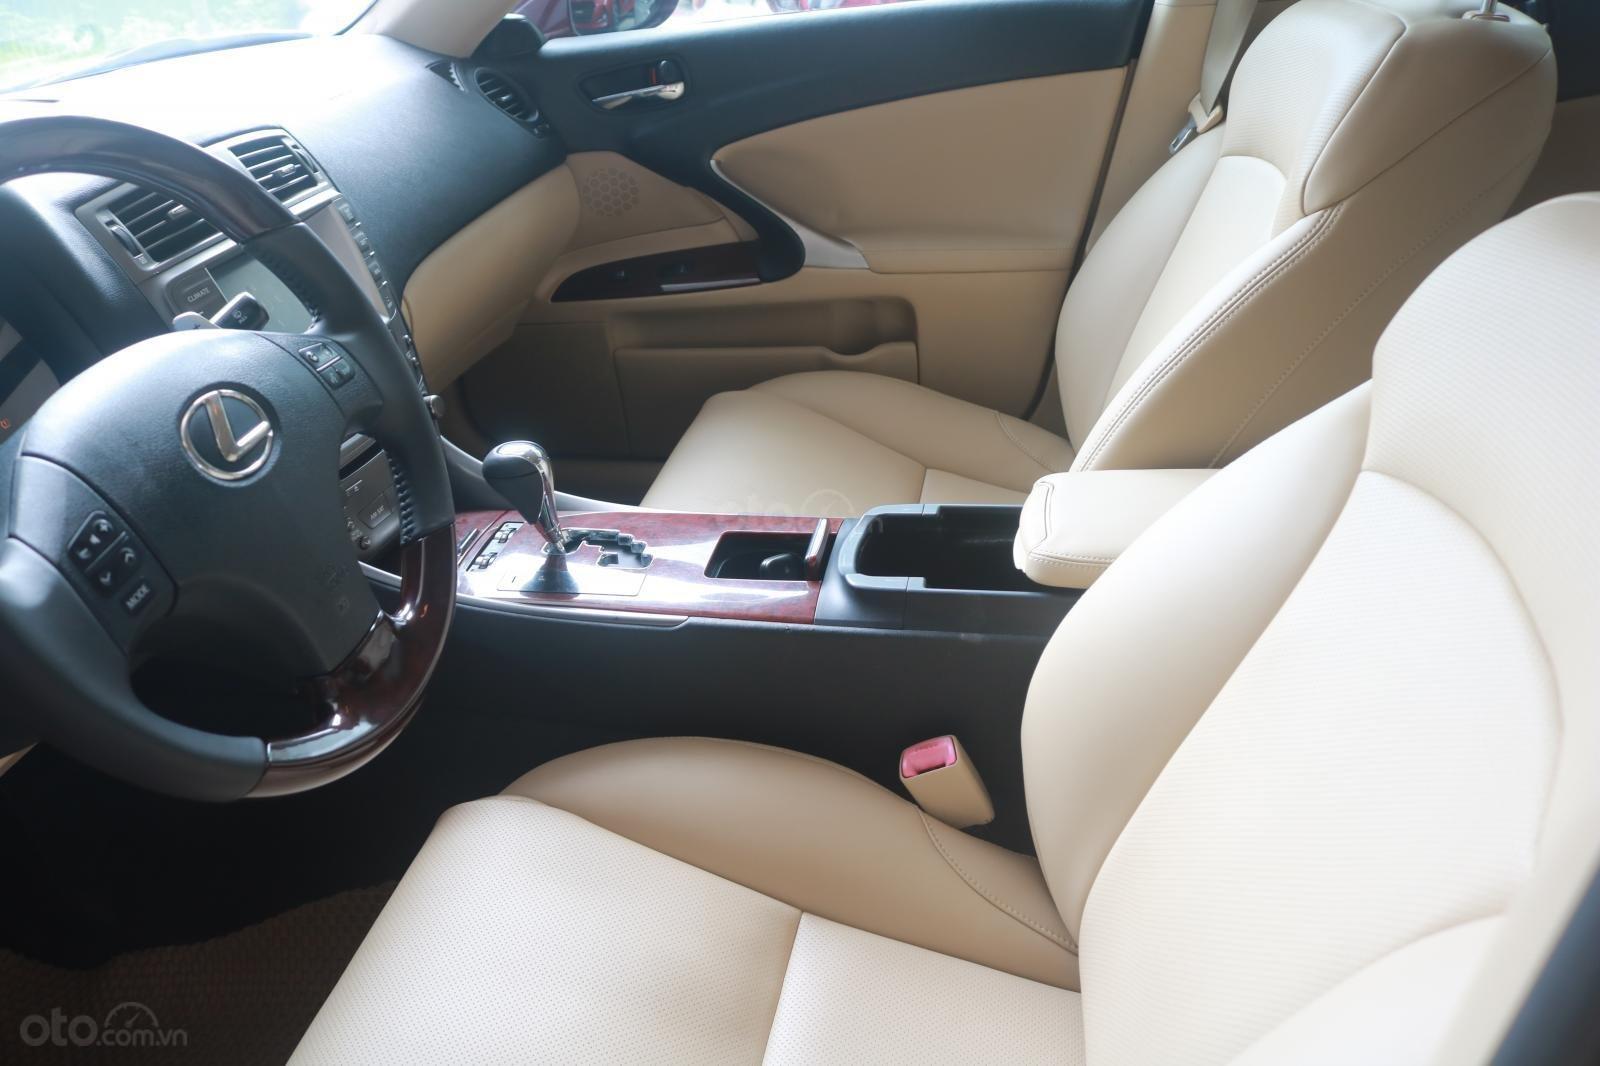 Cần bán xe Lexus LS250 đời 2008, màu đỏ (8)